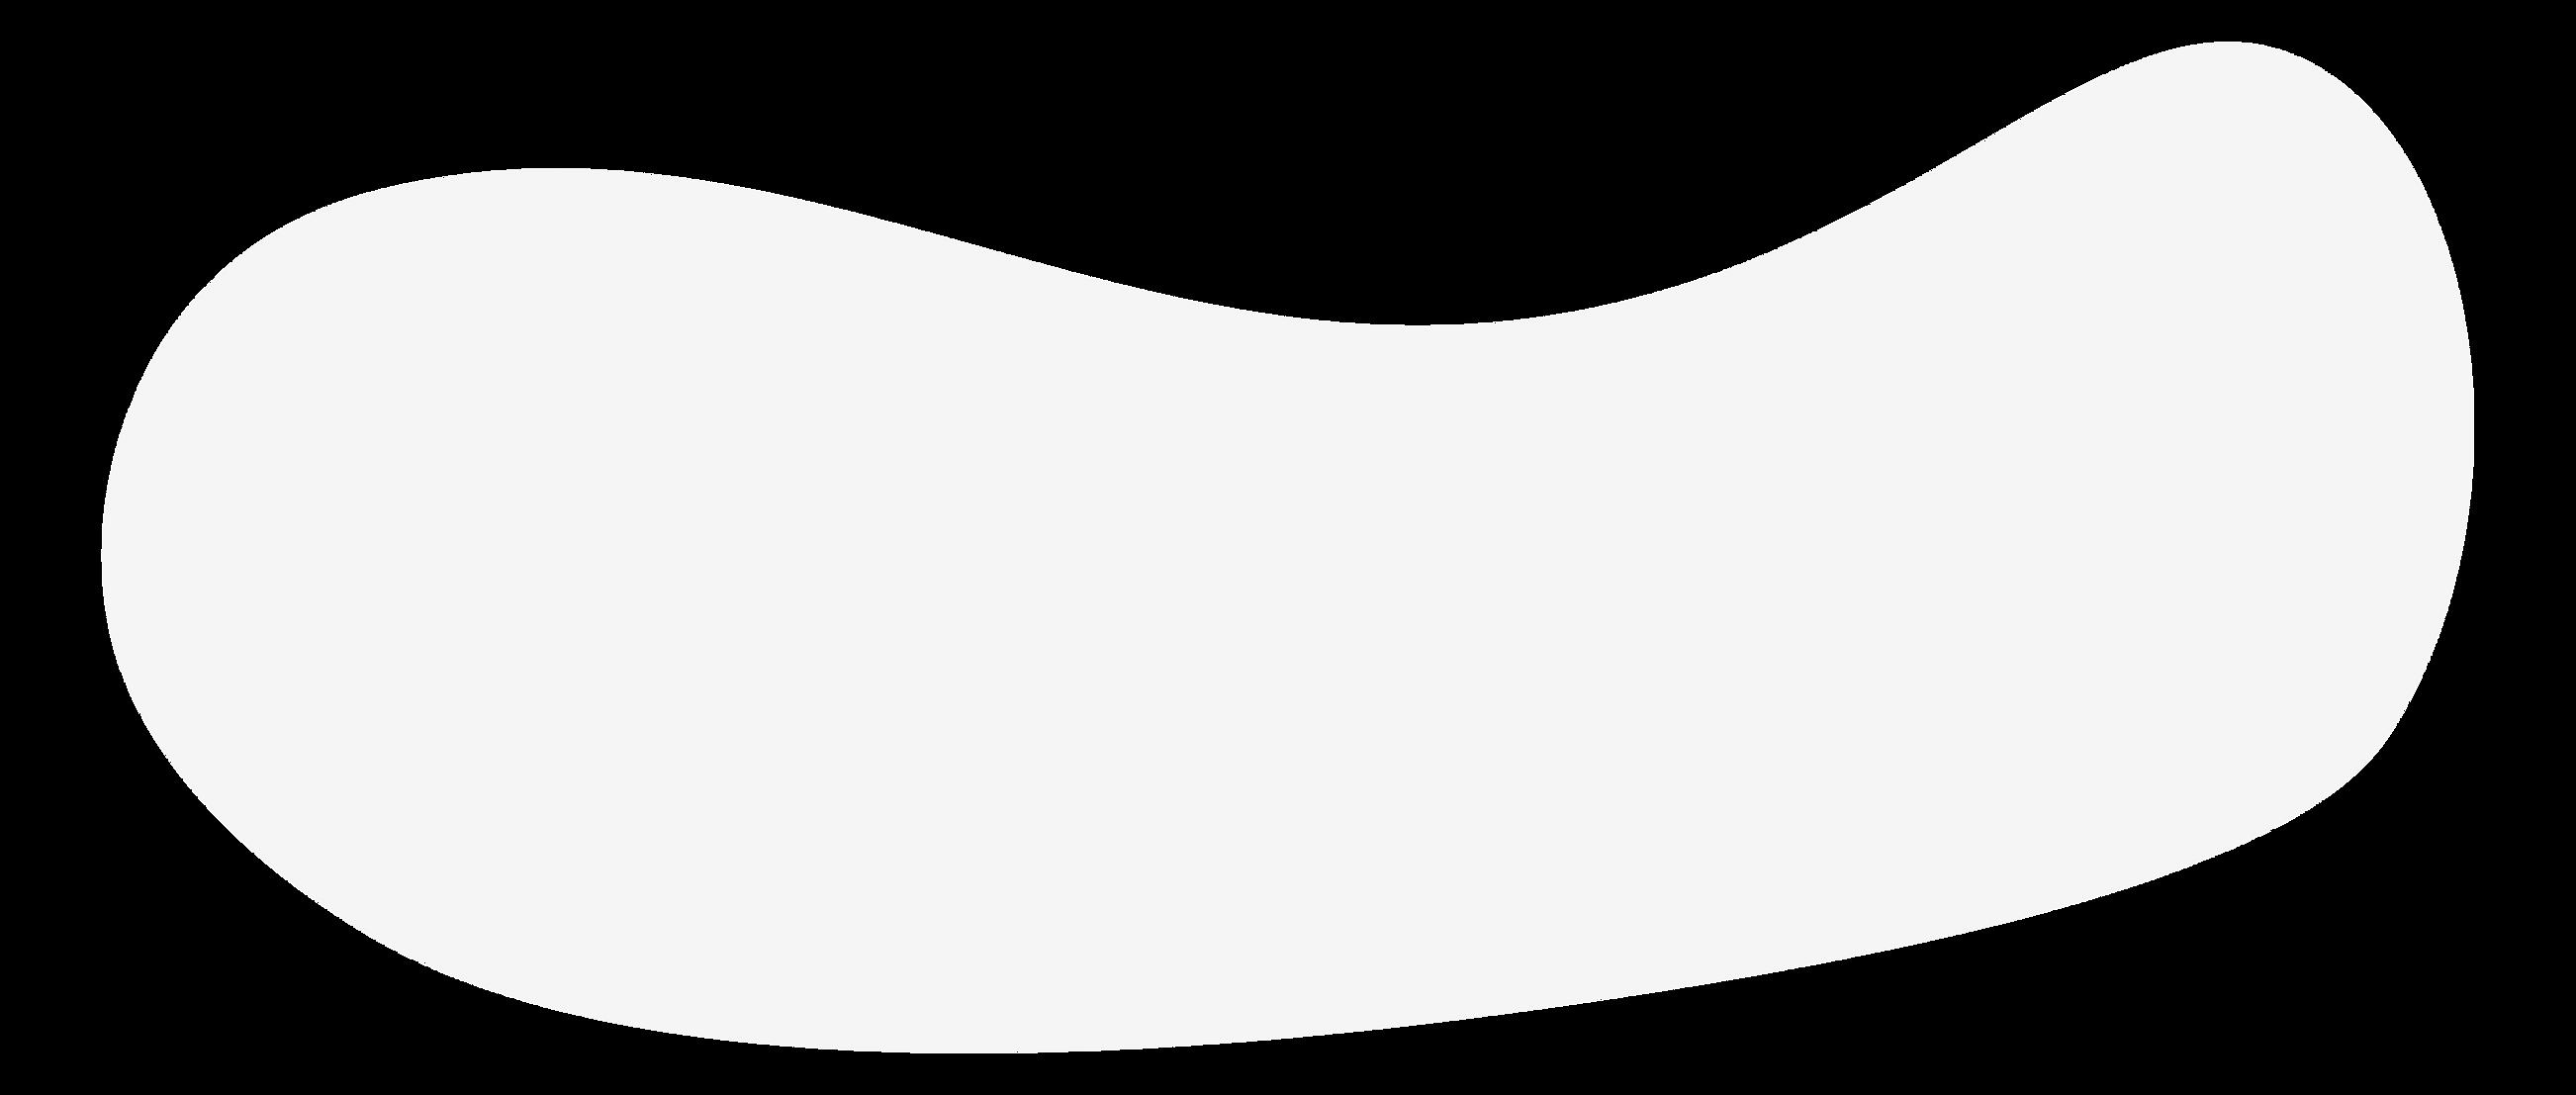 FitnessShellz Logo - Transparent-01.png